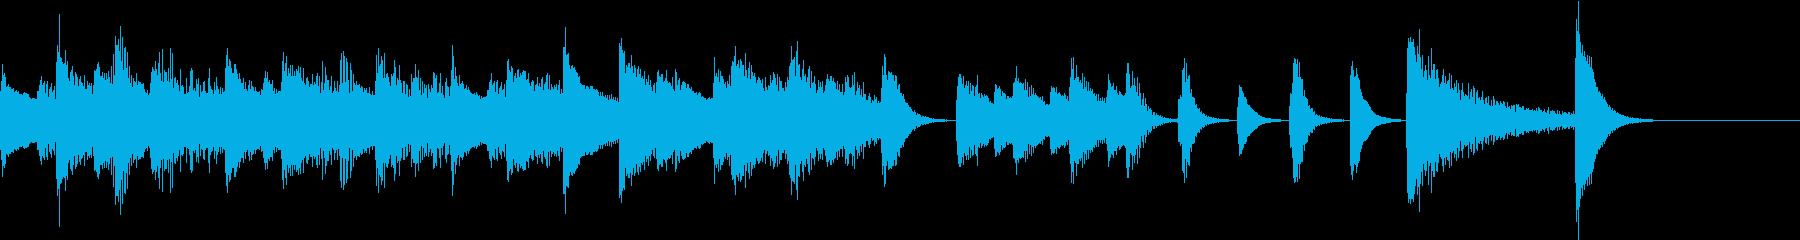 のんびりレトロな雰囲気のピアノジングルの再生済みの波形